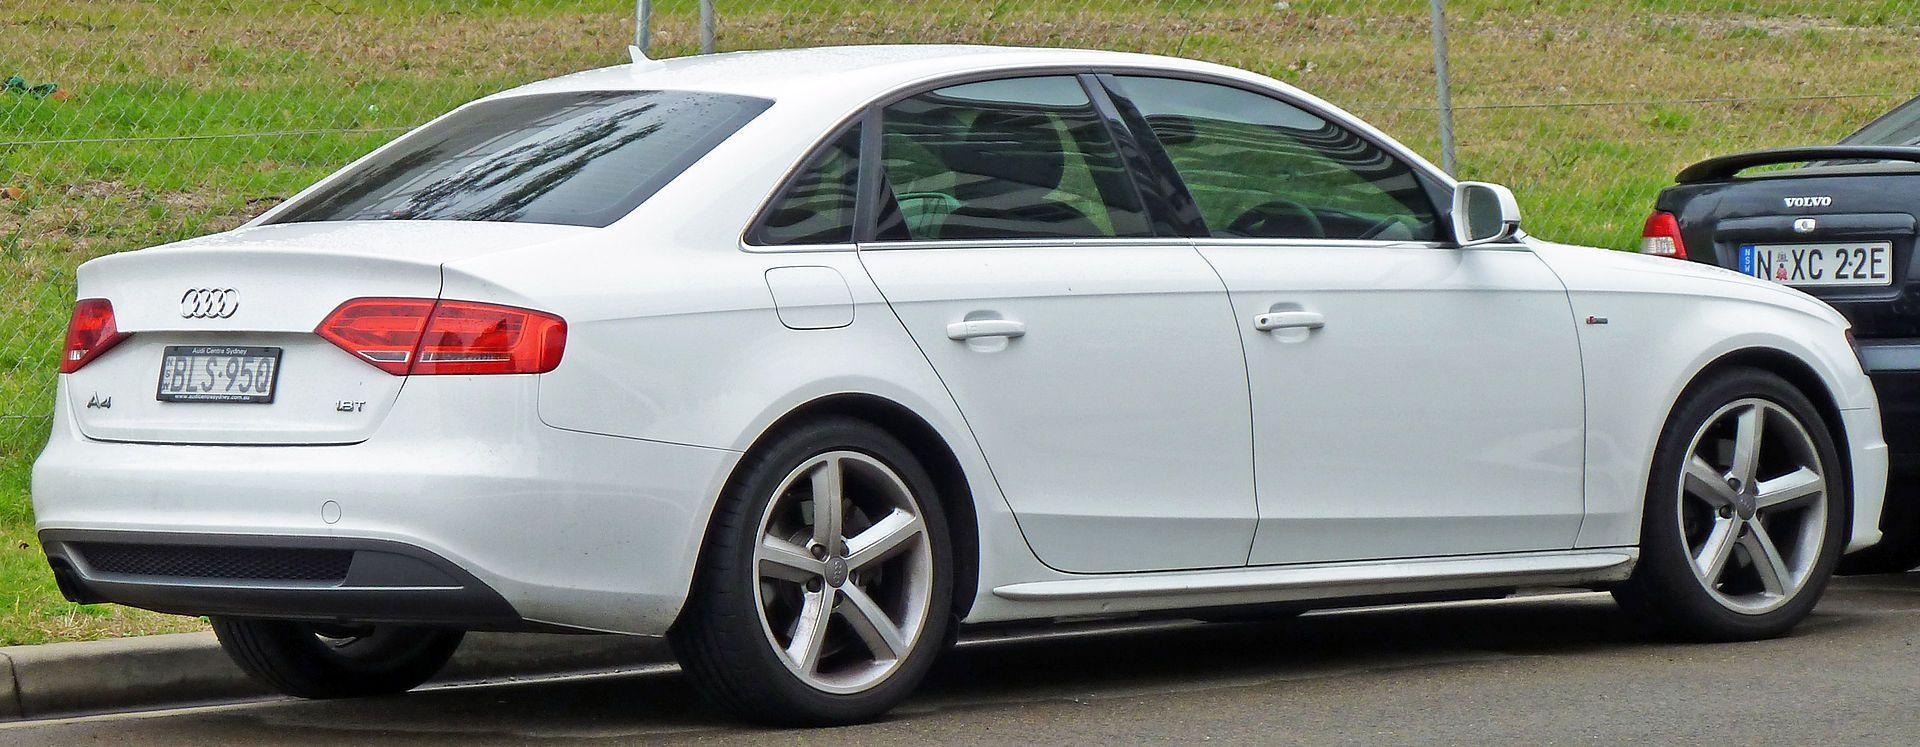 2008 2010 audi a4 8k 1 8 tfsi sedan 01 audi a4